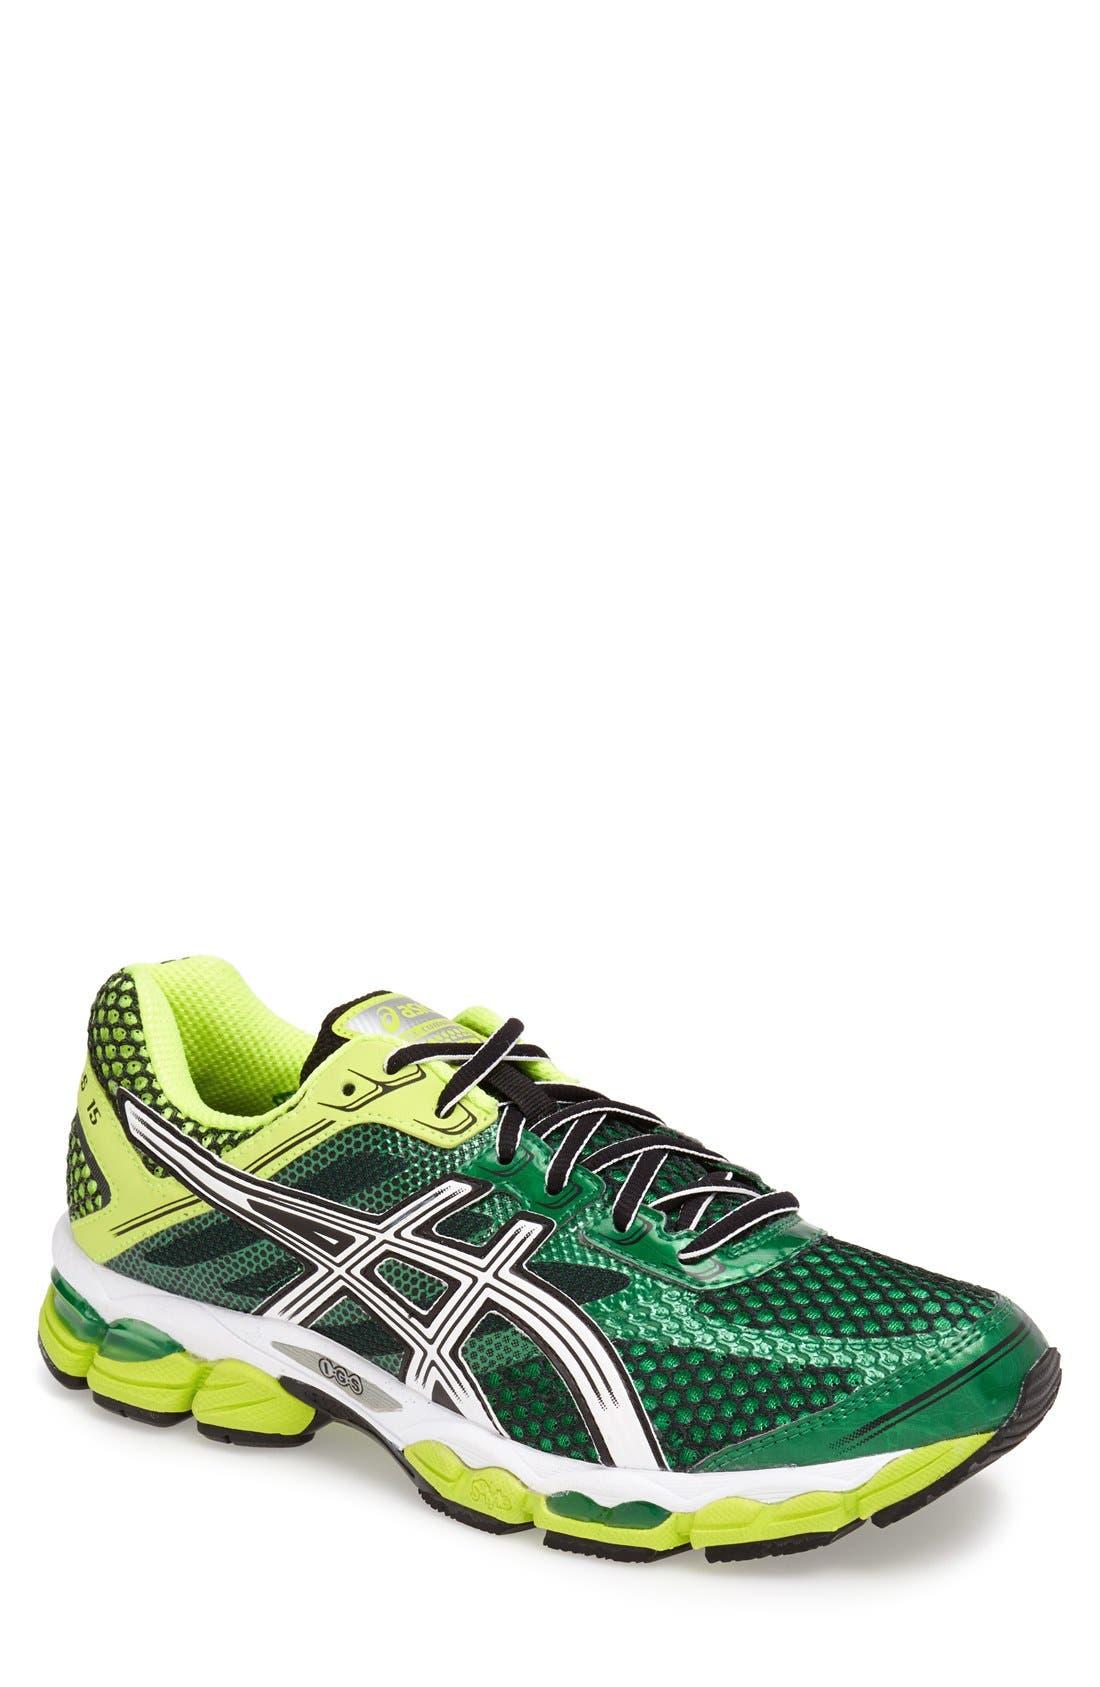 Alternate Image 1 Selected - ASICS® 'GEL-Cumulous 15' Running Shoe (Men)